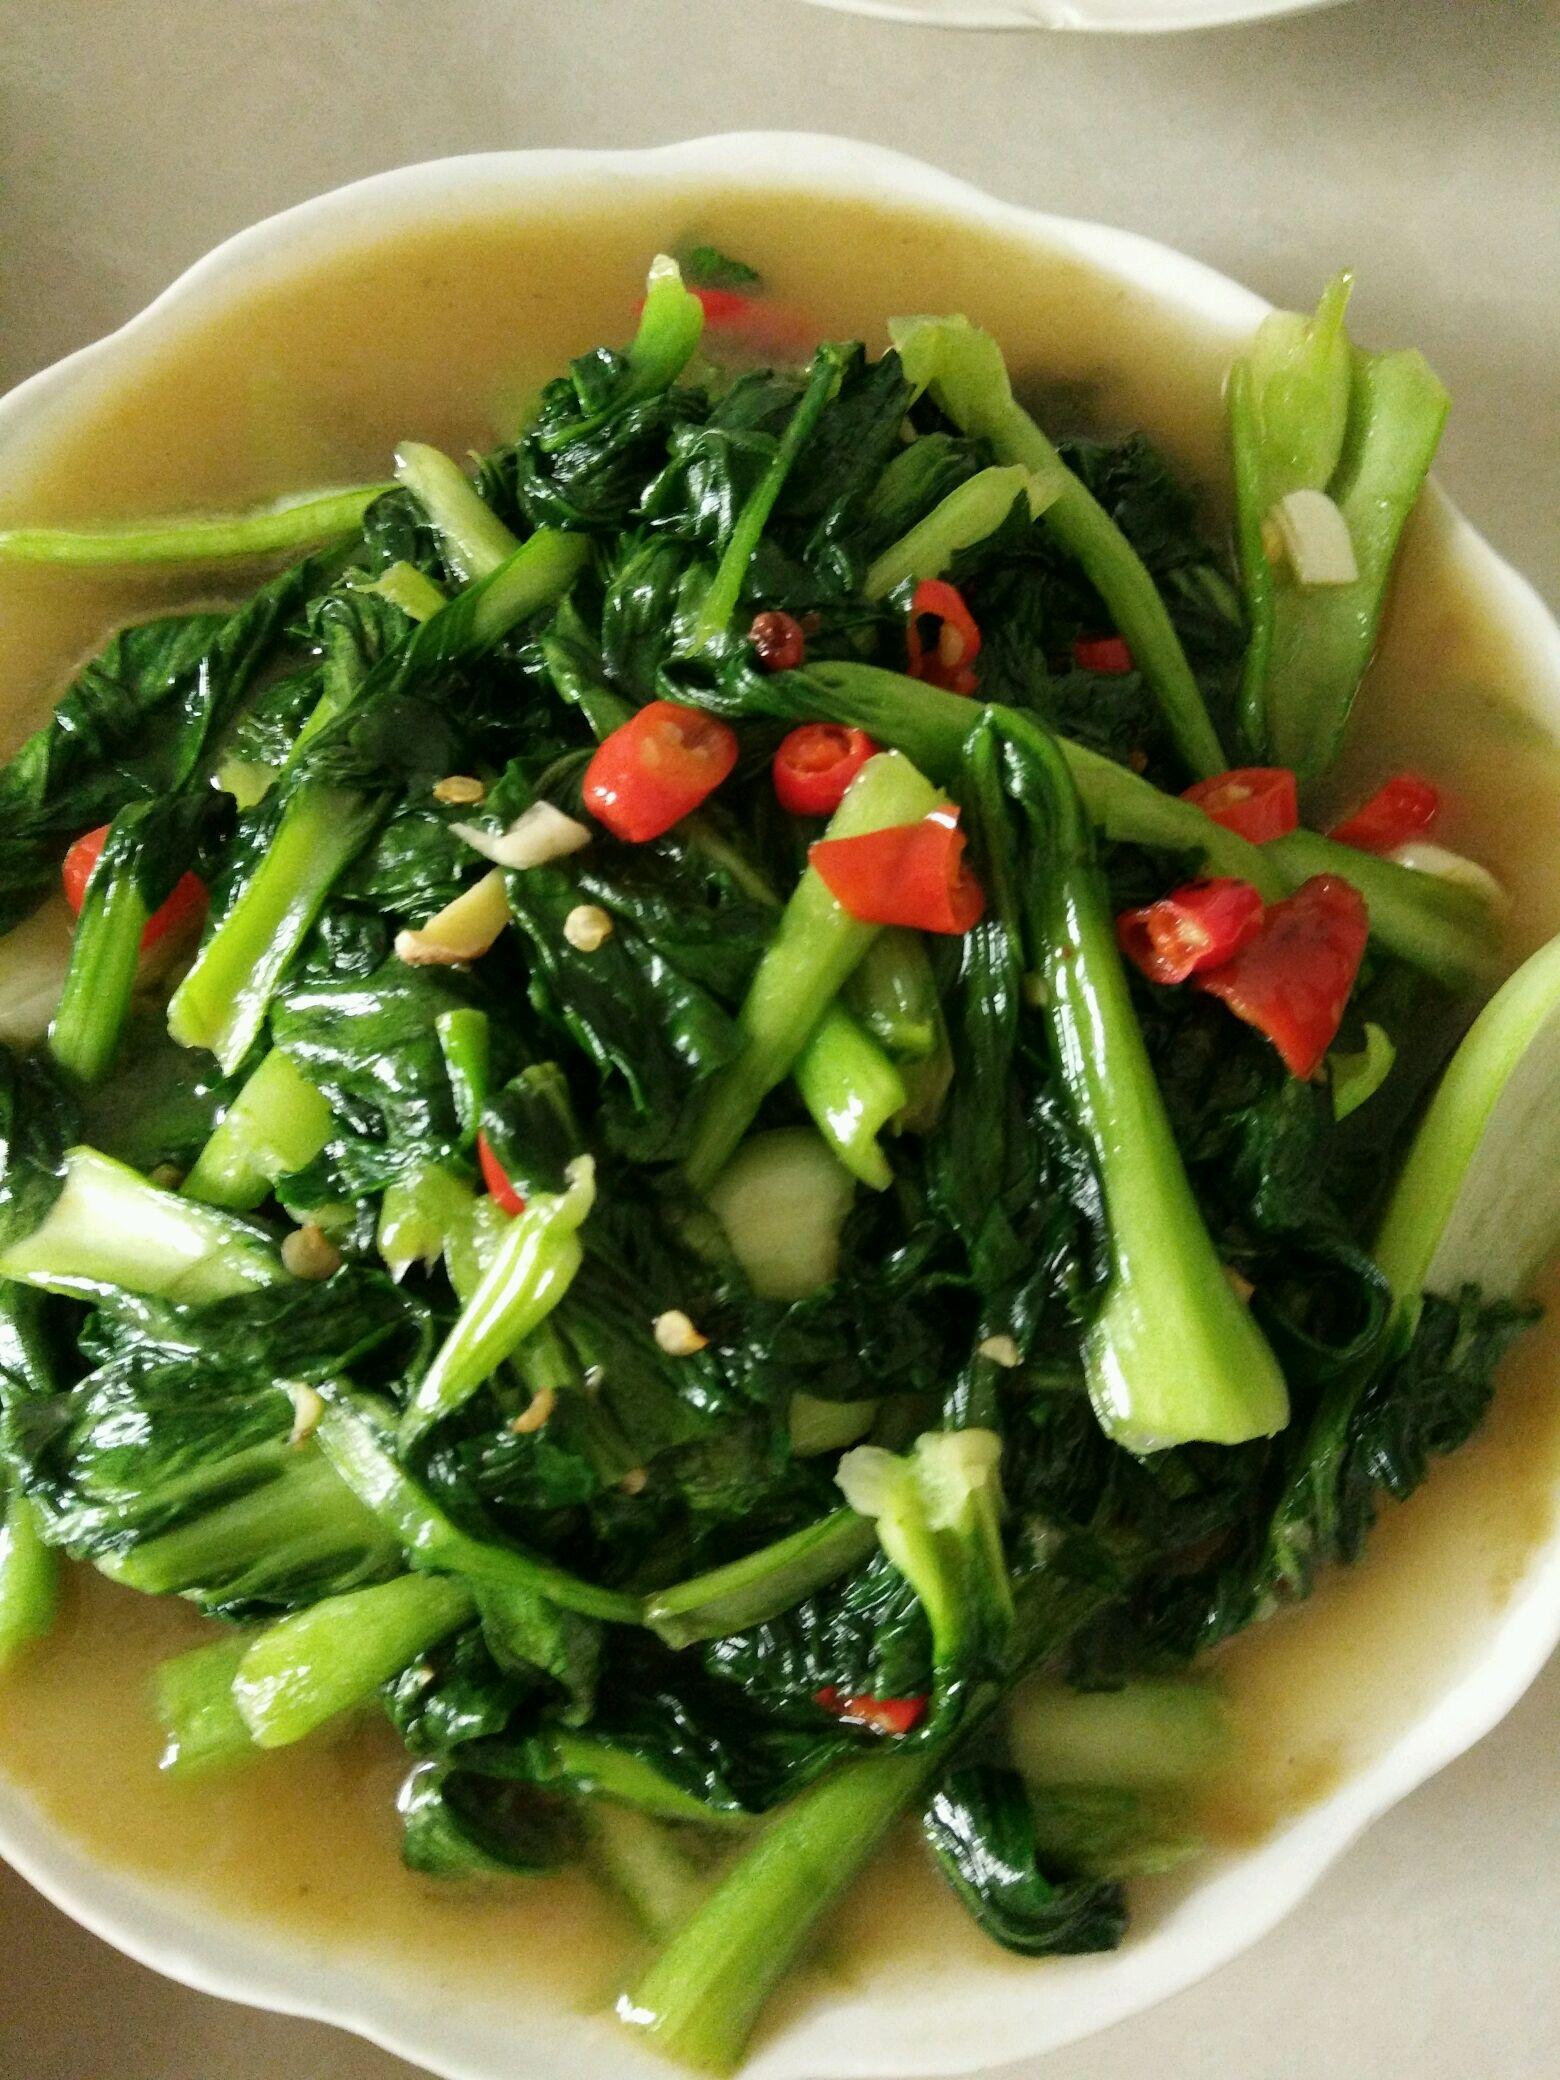 青菜500g 盐适量 鸡精适量 蒜适量 小辣椒 姜 爆炒青菜的做法步骤 1.